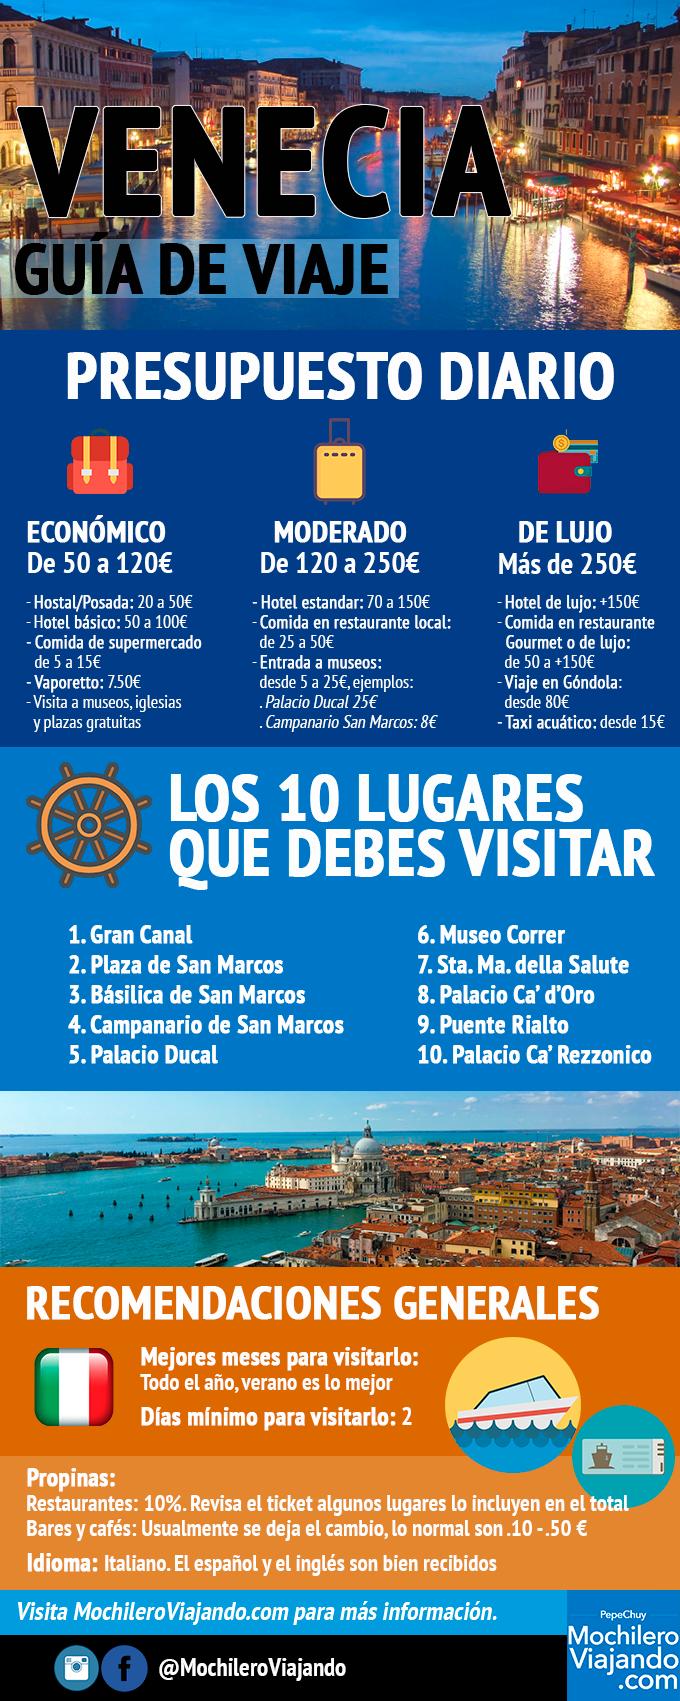 Venecia: Guía de viaje